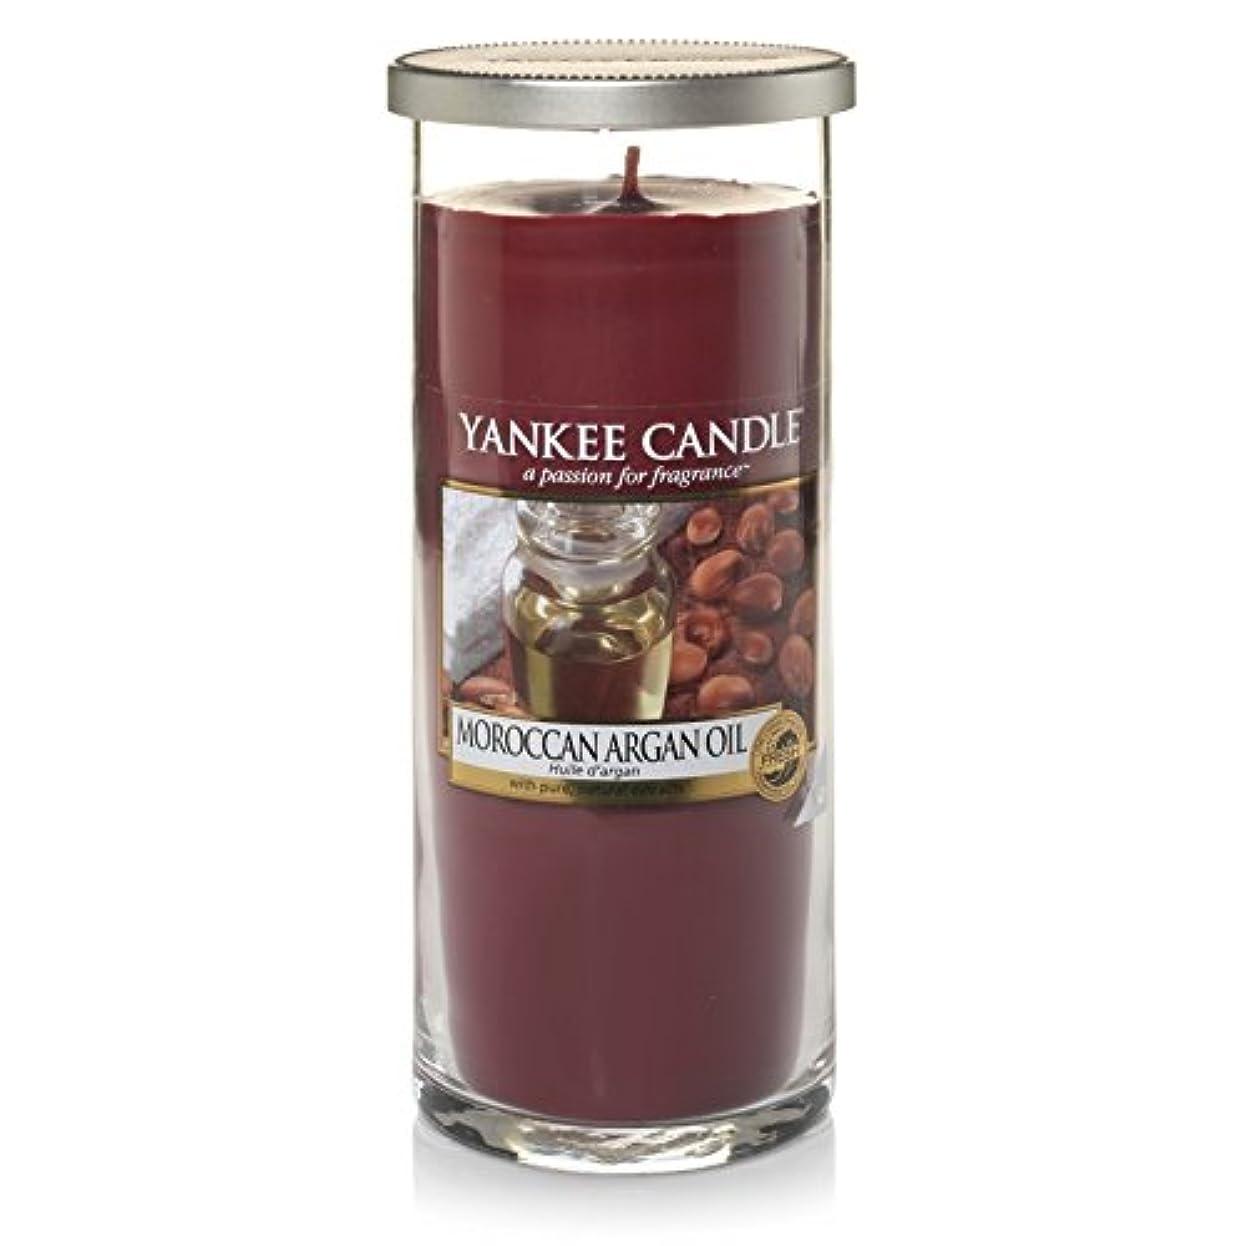 無人祈る精査するYankee Candles Large Pillar Candle - Moroccan Argan Oil (Pack of 6) - ヤンキーキャンドル大きな柱キャンドル - モロッコアルガンオイル (x6) [並行輸入品]